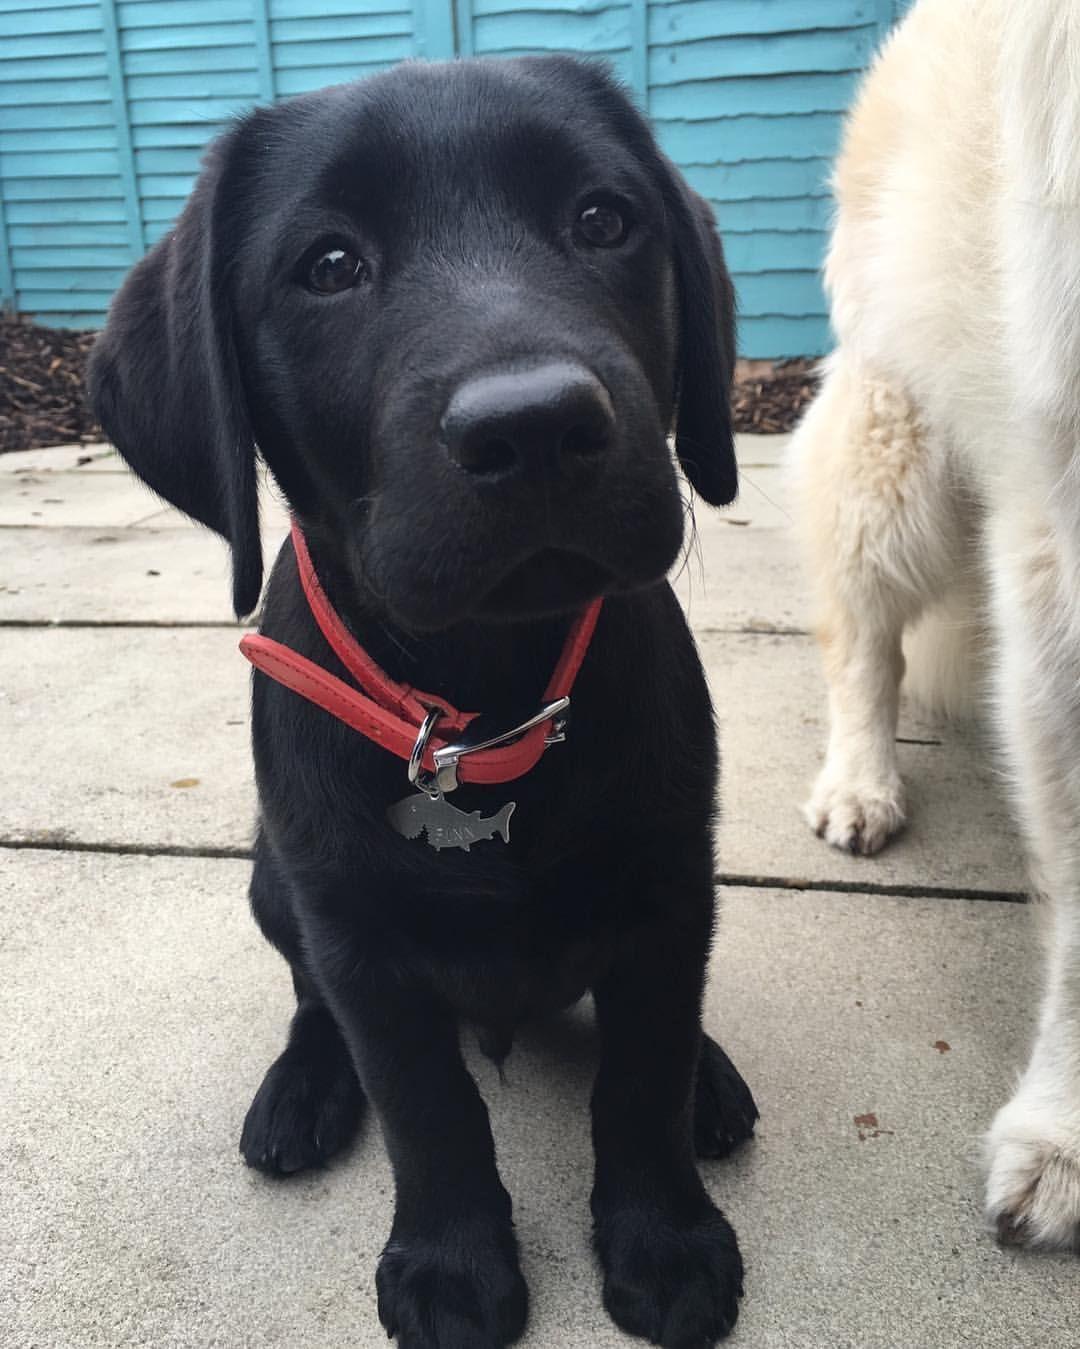 Pin De Ixchel Anahi En Animales Perro Labrador Retriever Cachorros De Laboratorio Perro Labrador